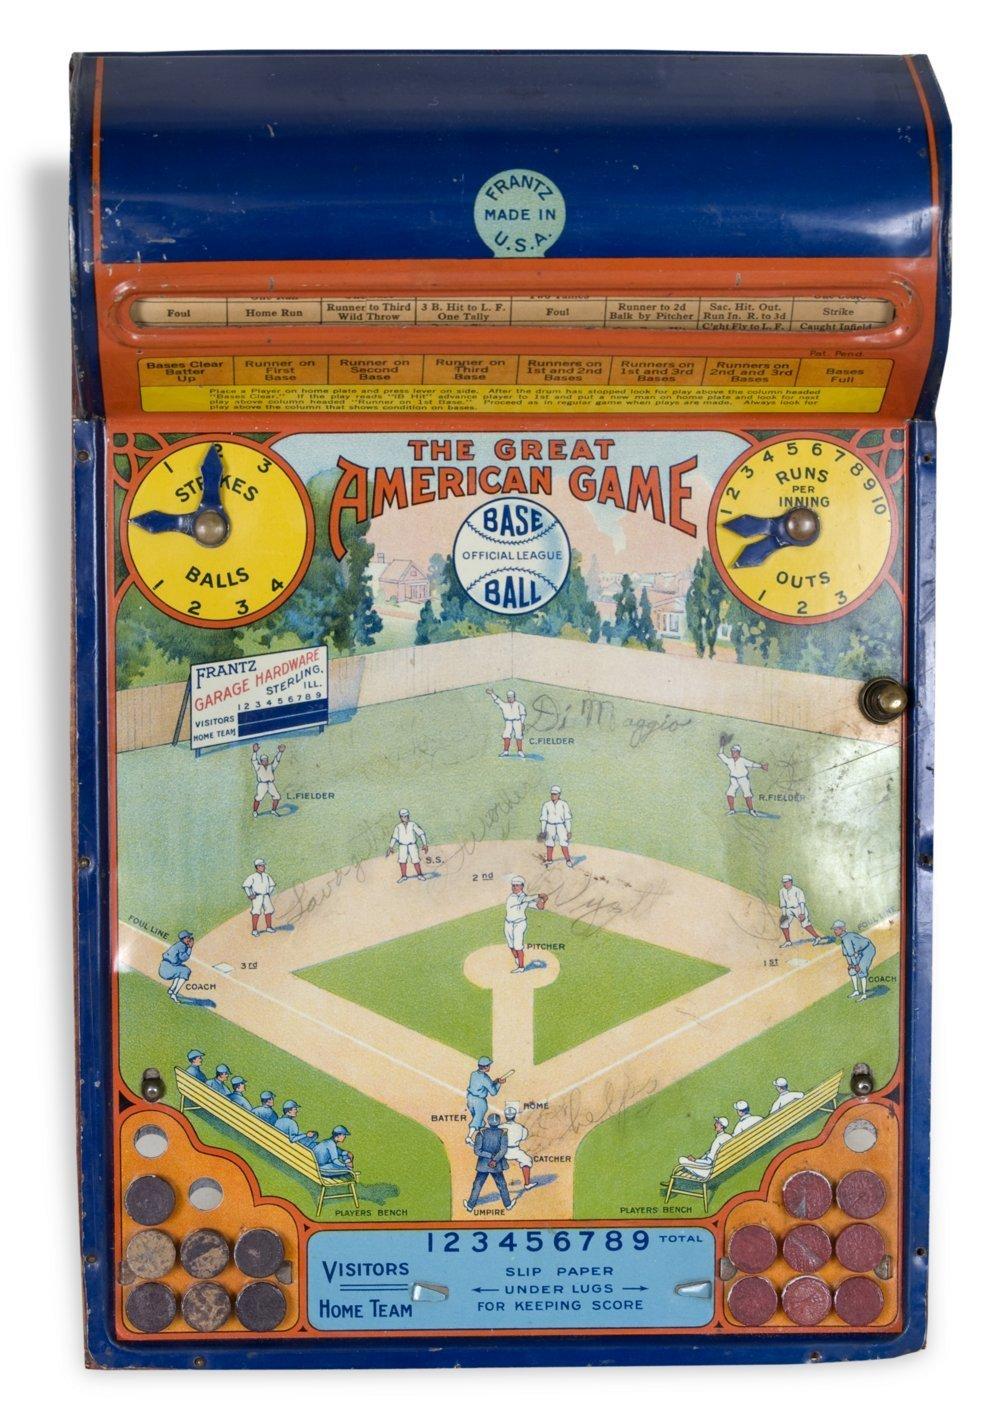 Mechanical baseball game